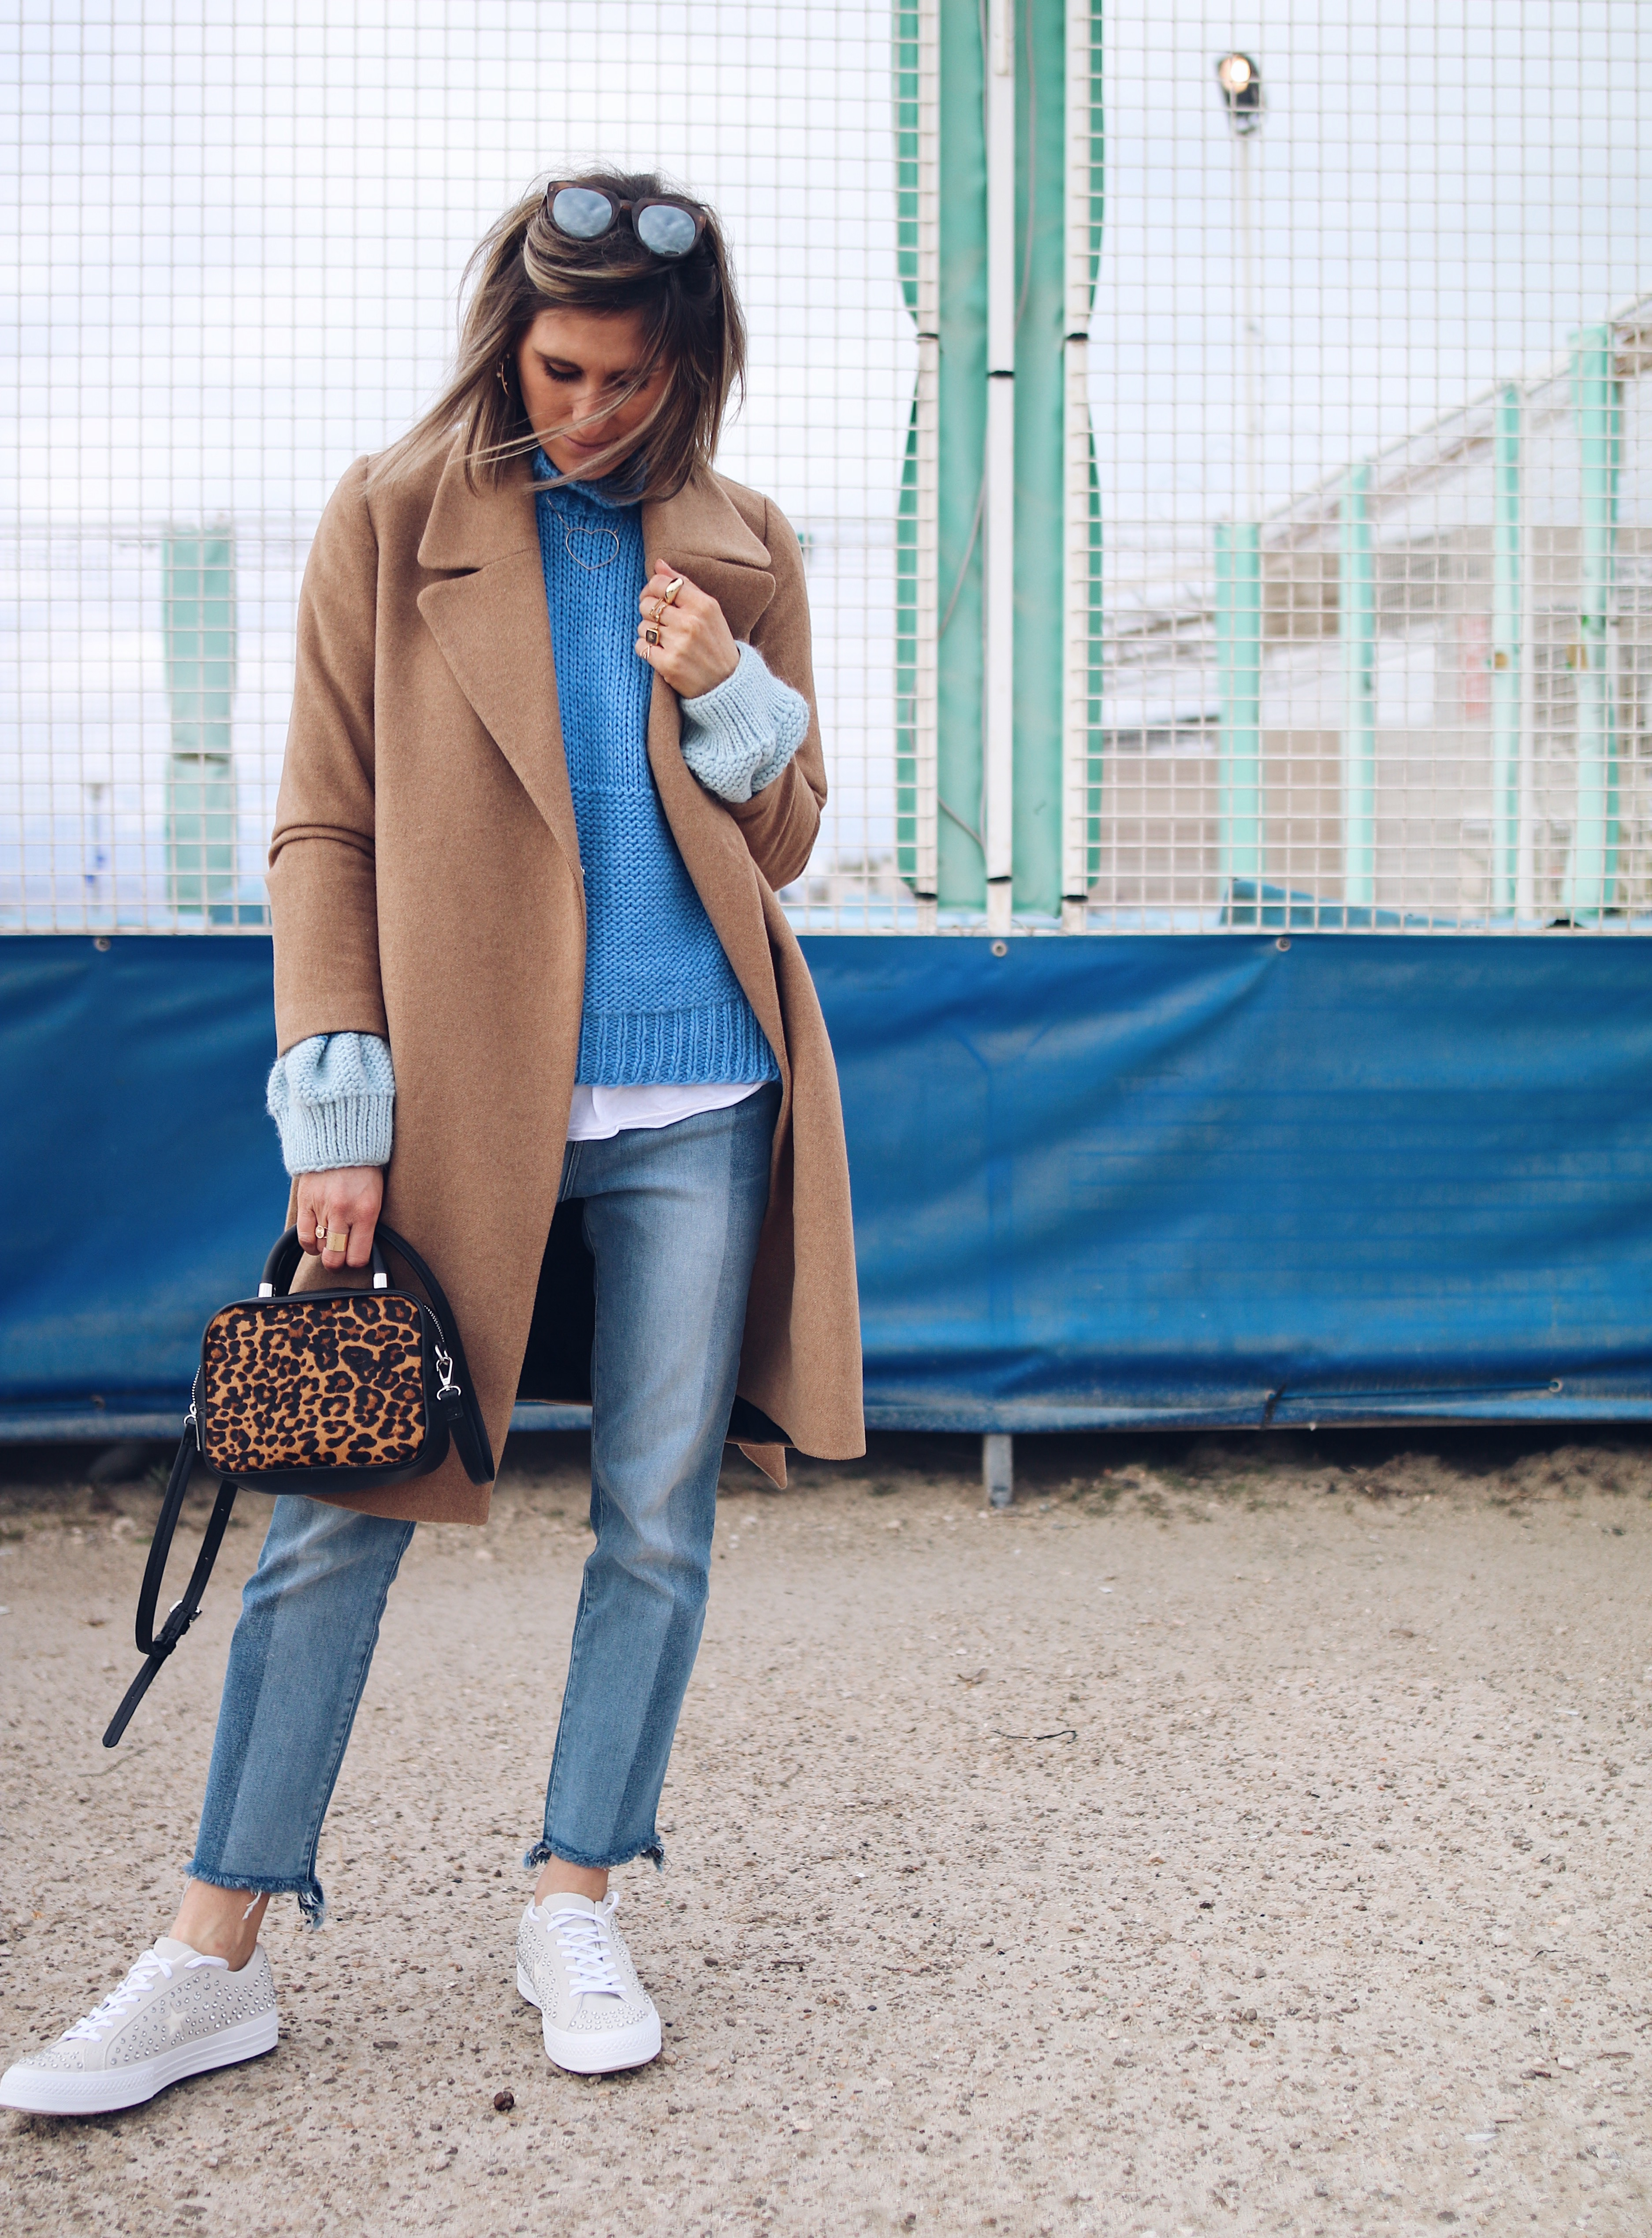 BLUE KNIT - Chon & CHON - denim style, white converse sneakers, camel coat, look décontracté avec pull l aine bleu